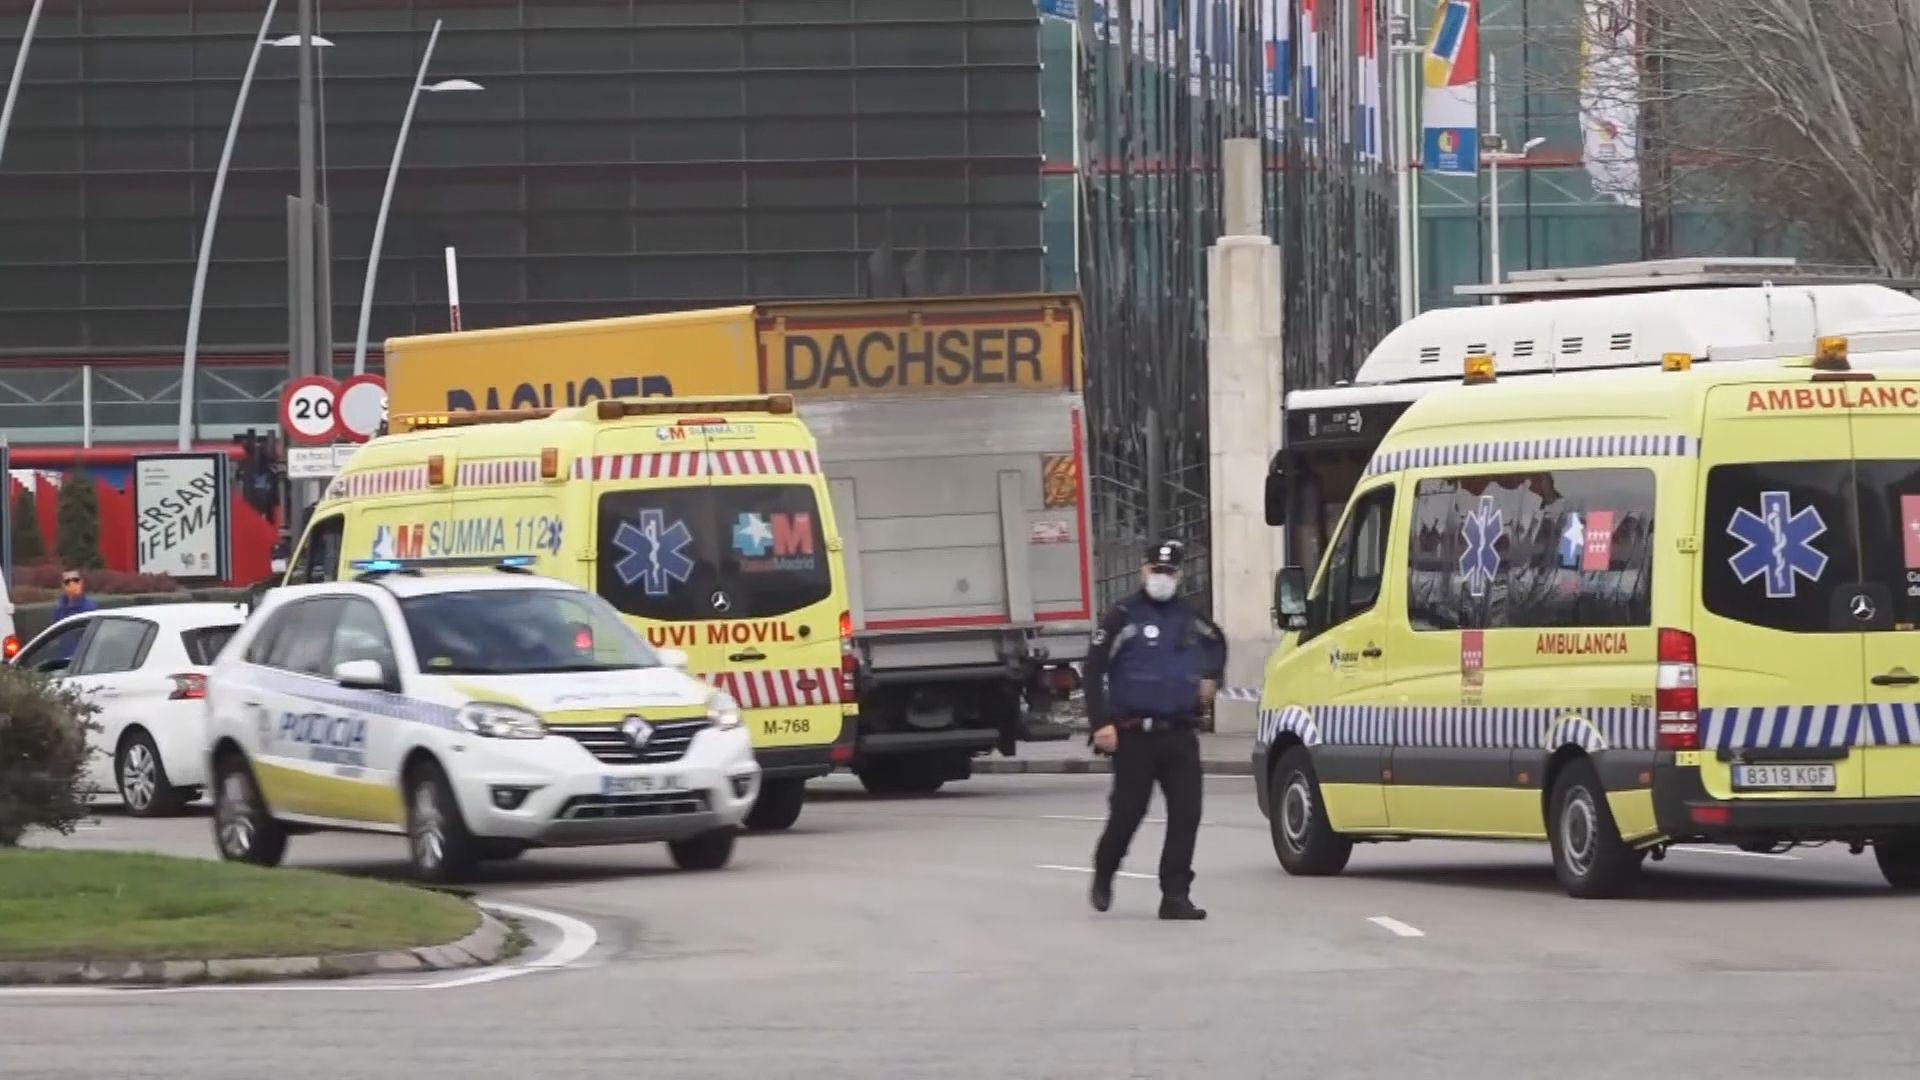 西班牙溜冰場改為臨時停屍間 處理確診病逝遺體